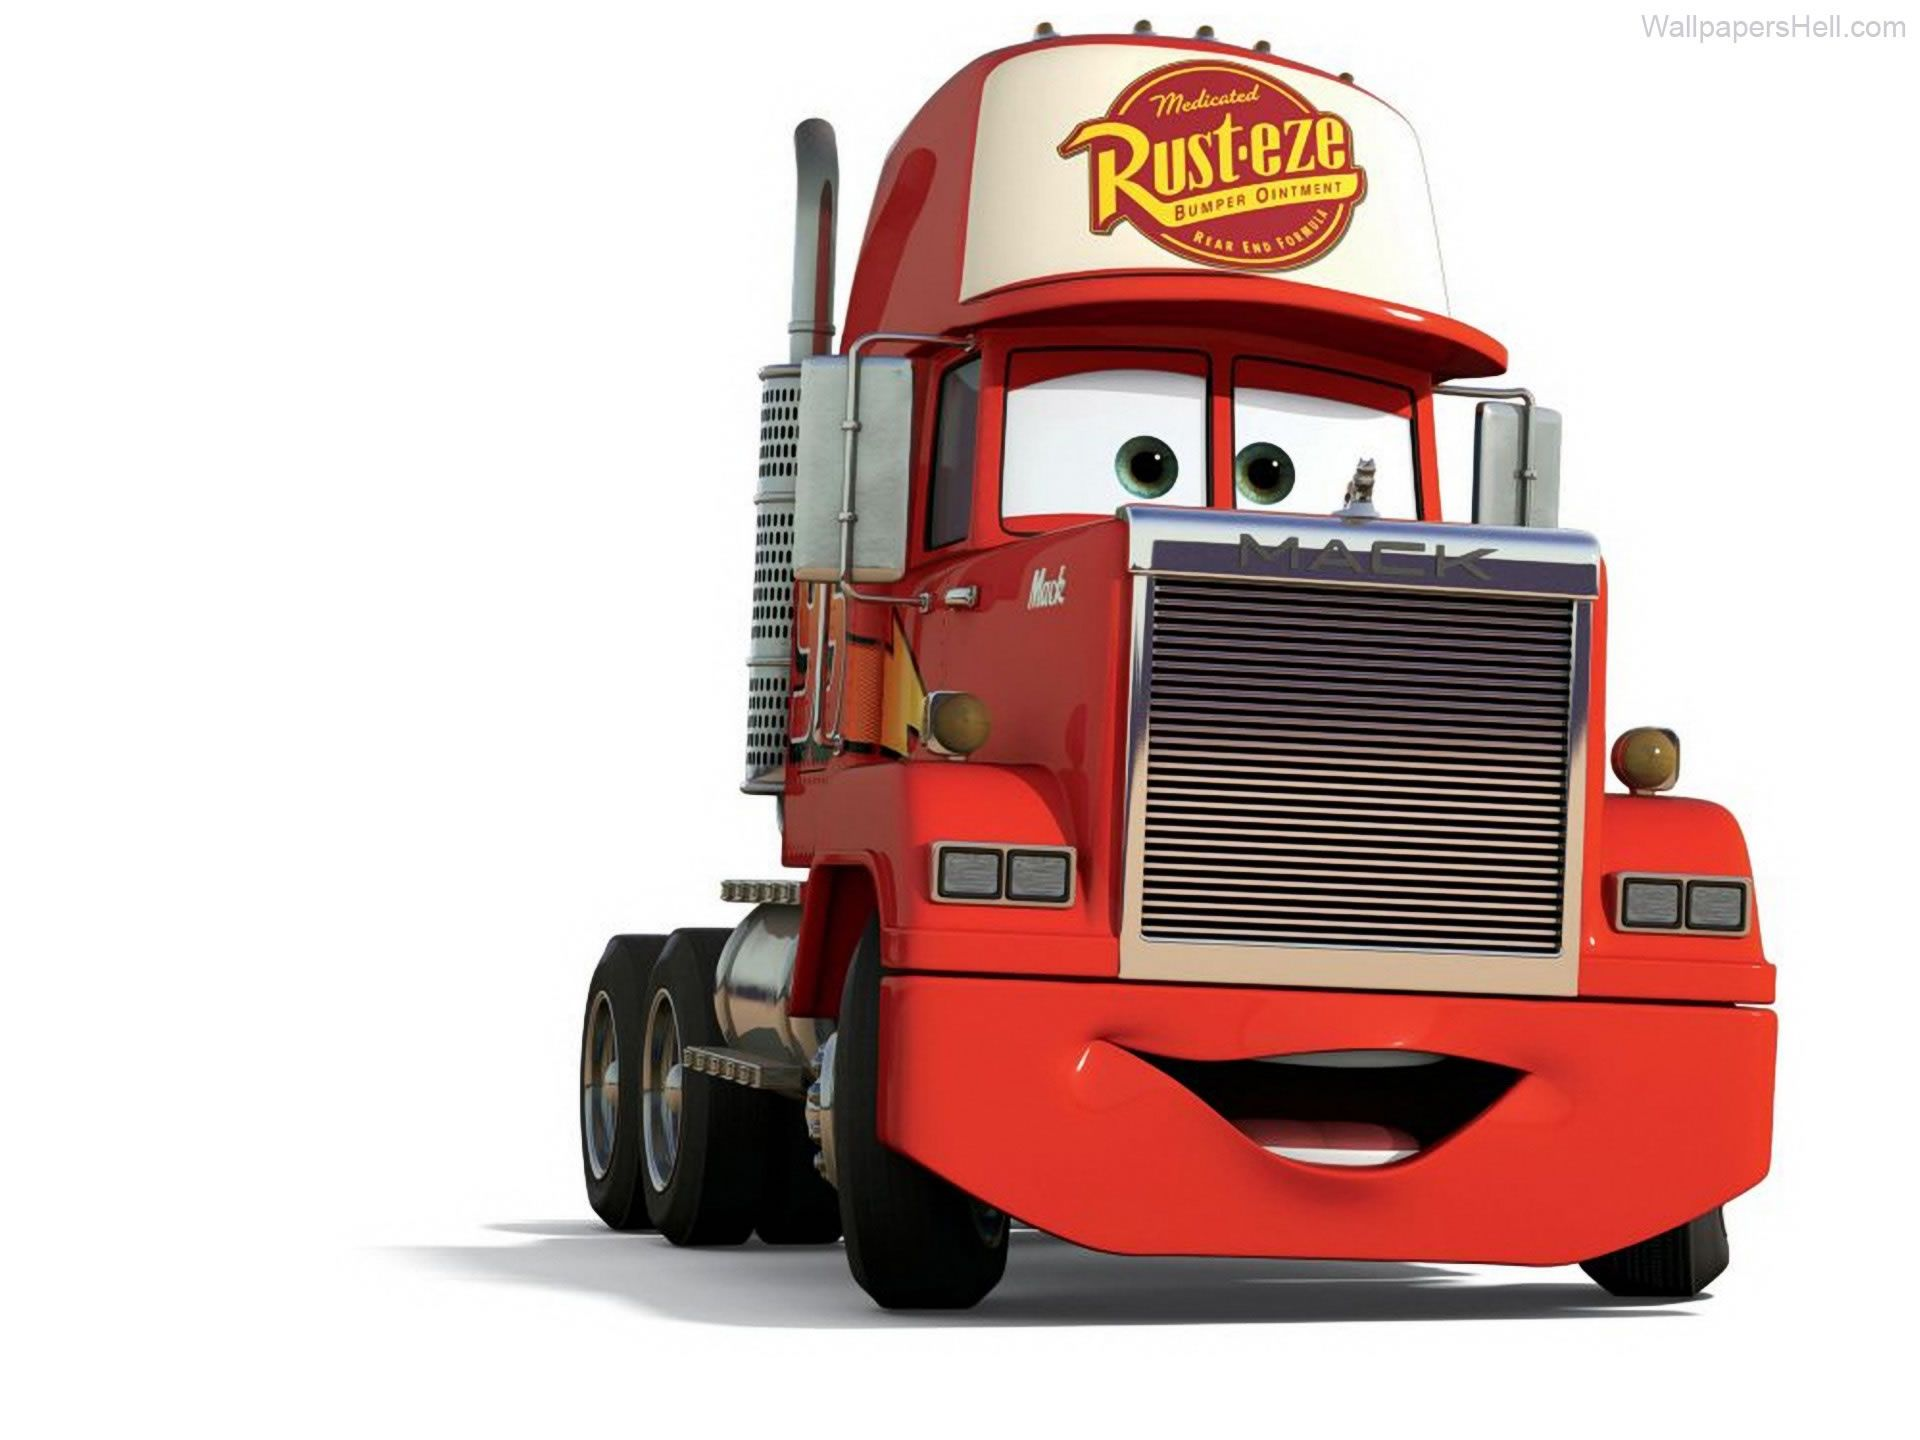 17 Best images about Clipart - Disney Pixar Cars on Pinterest ...